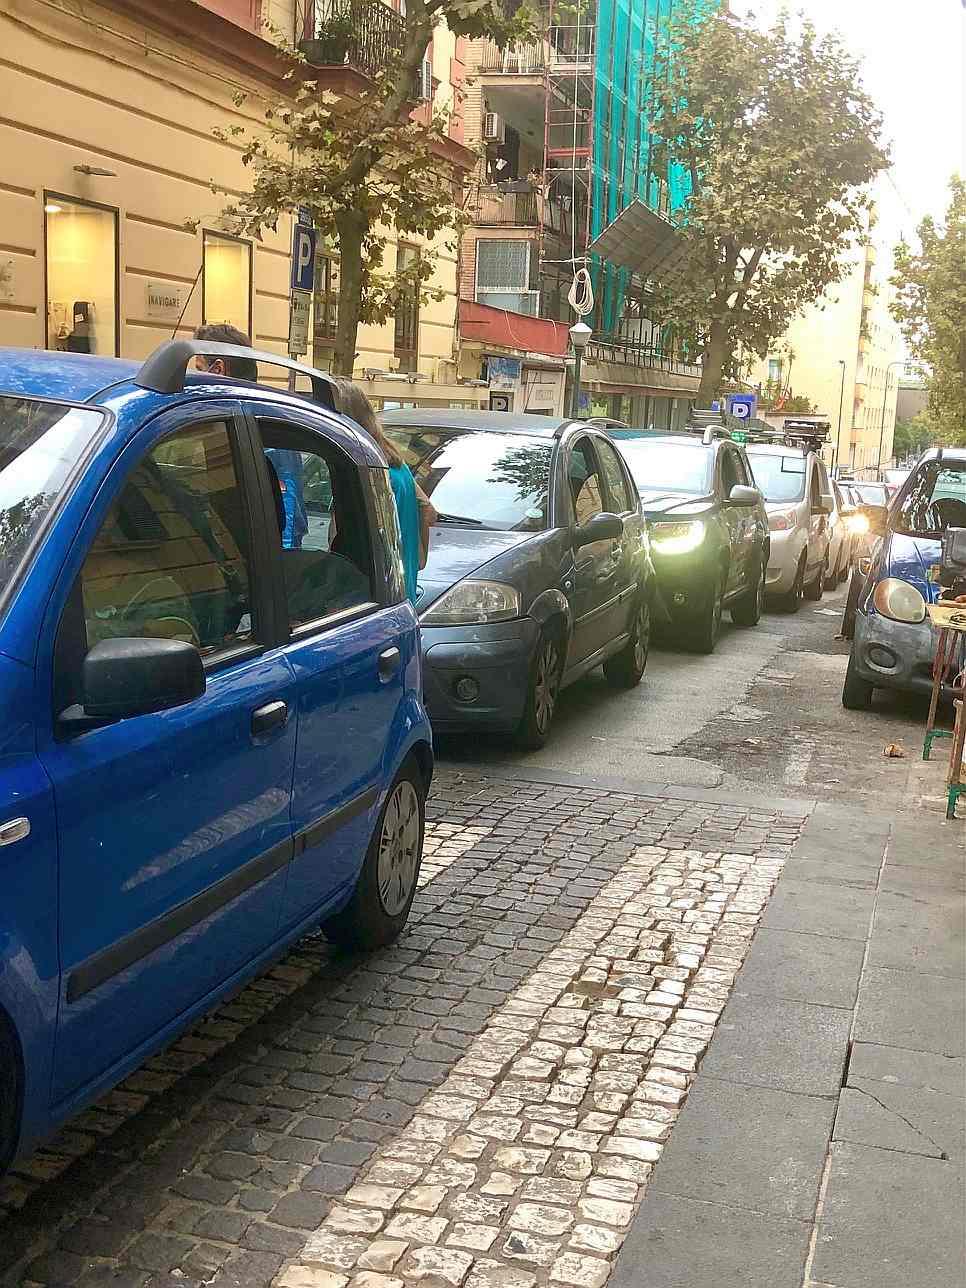 Napoli: al Vomero caos e disagi per lo sciopero nel trasporto pubblico